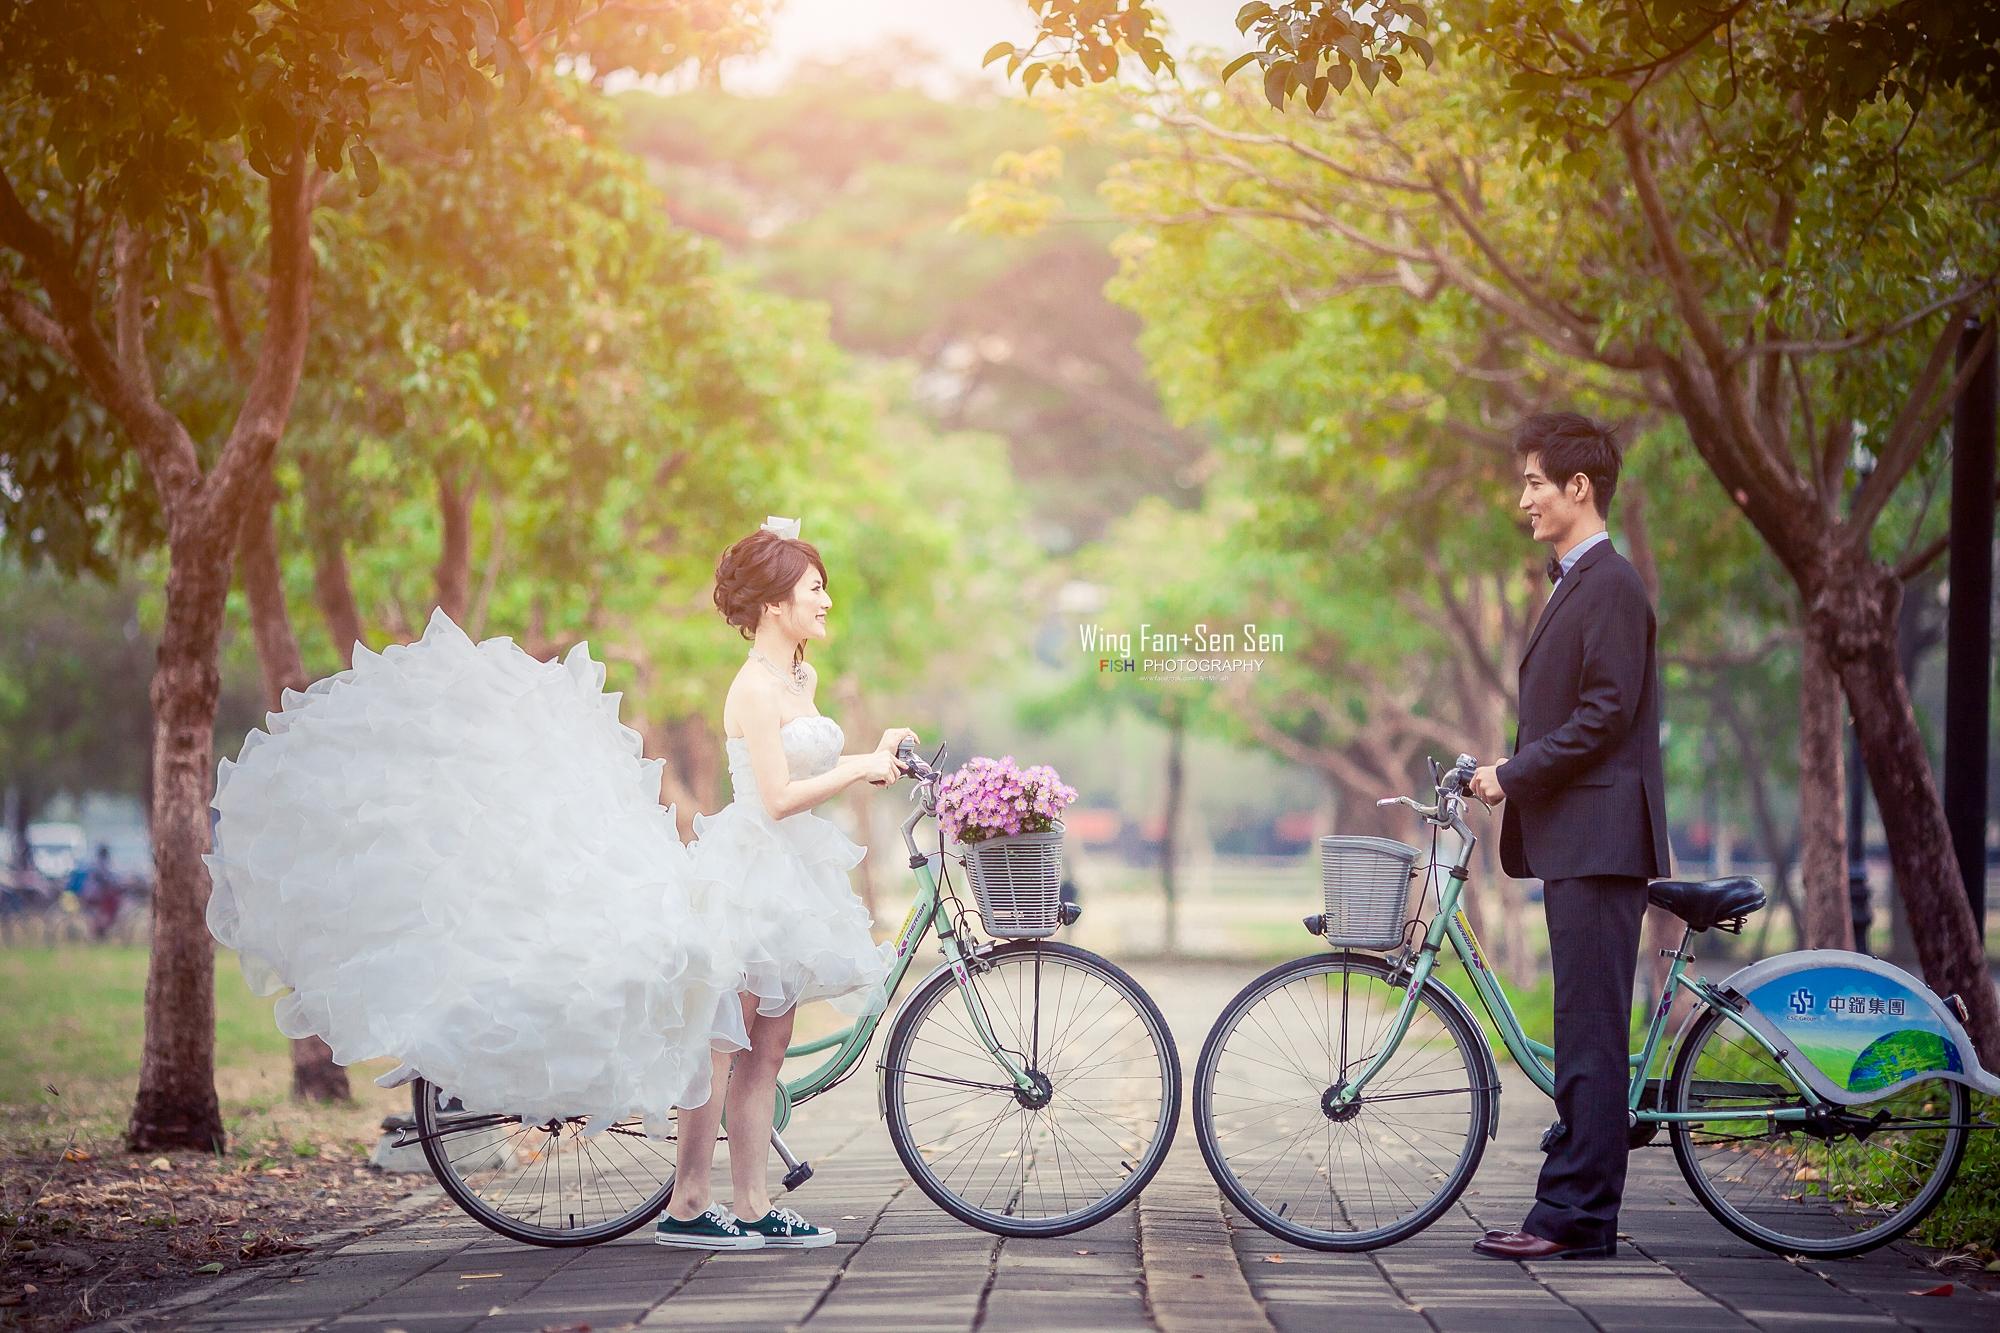 Flickr - 校園轉角遇到愛